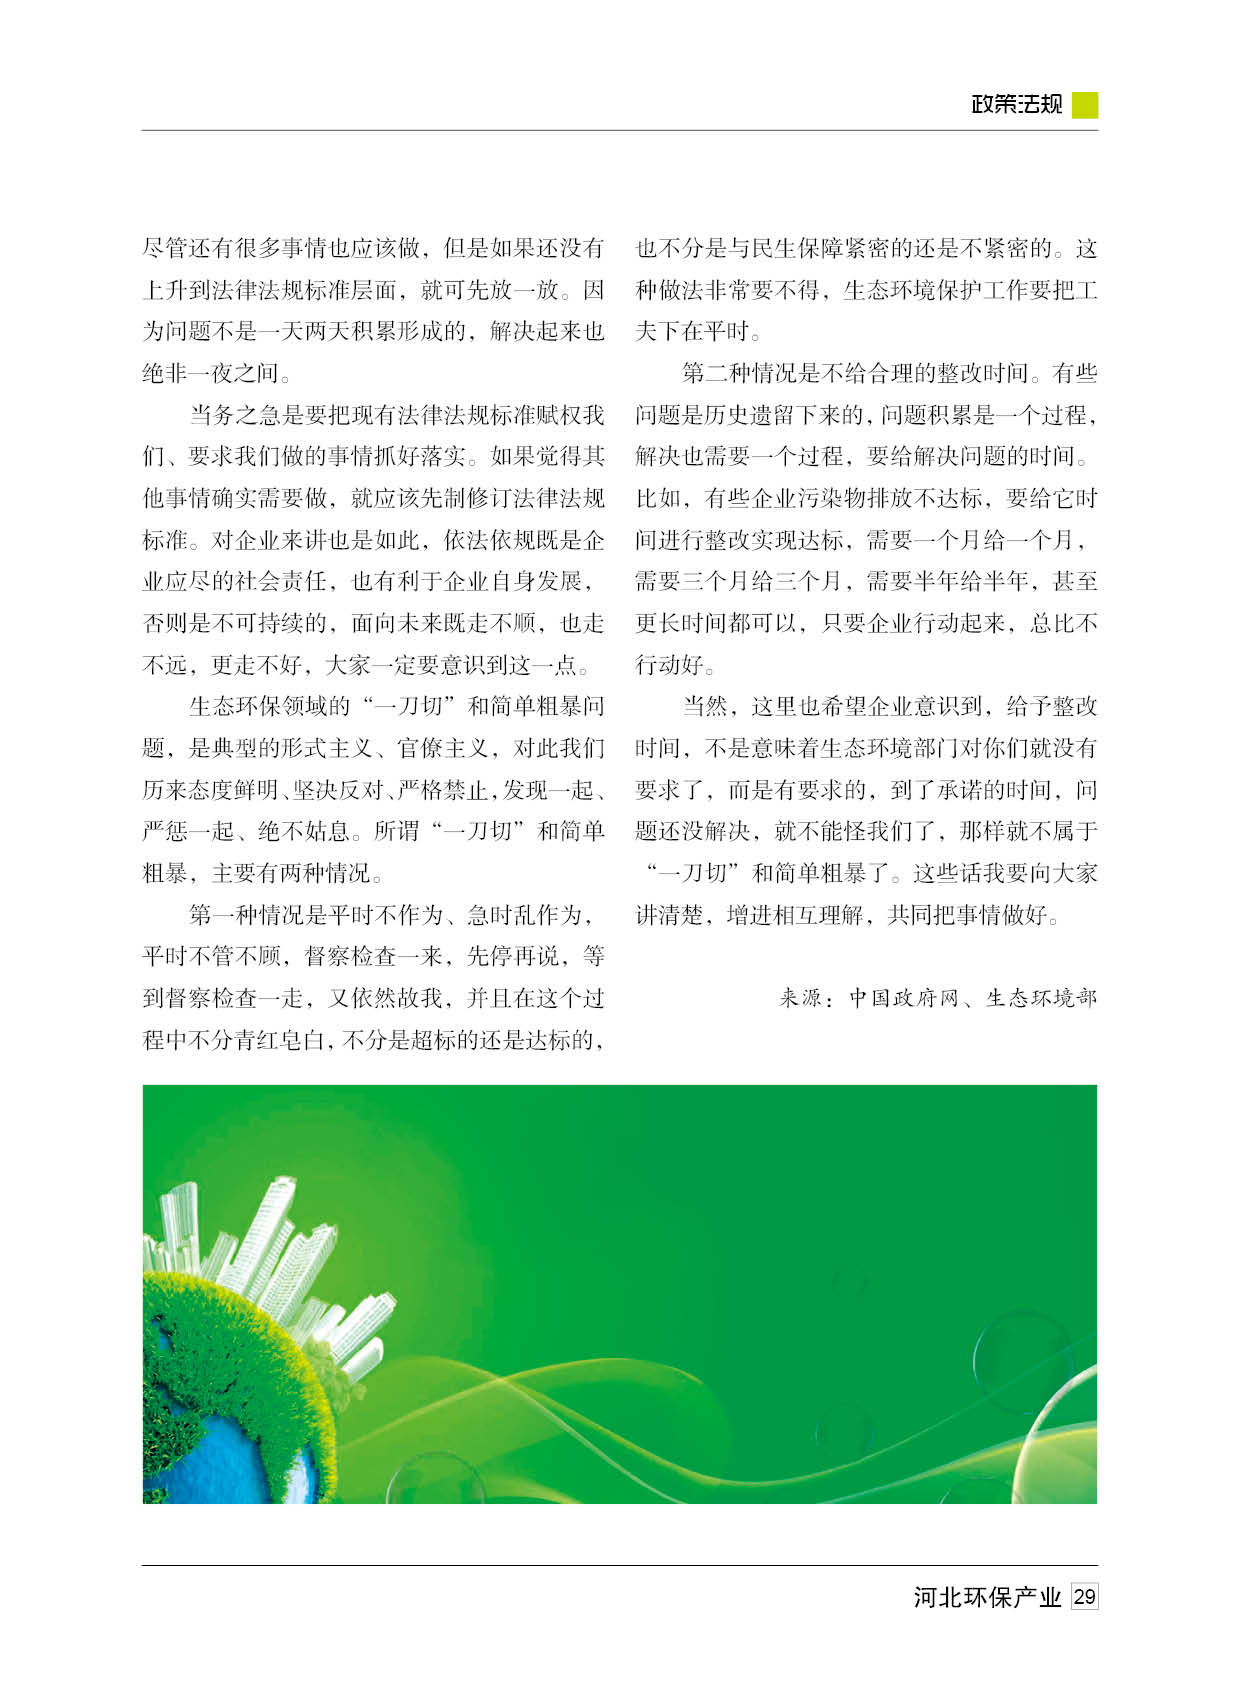 環保-29.jpg